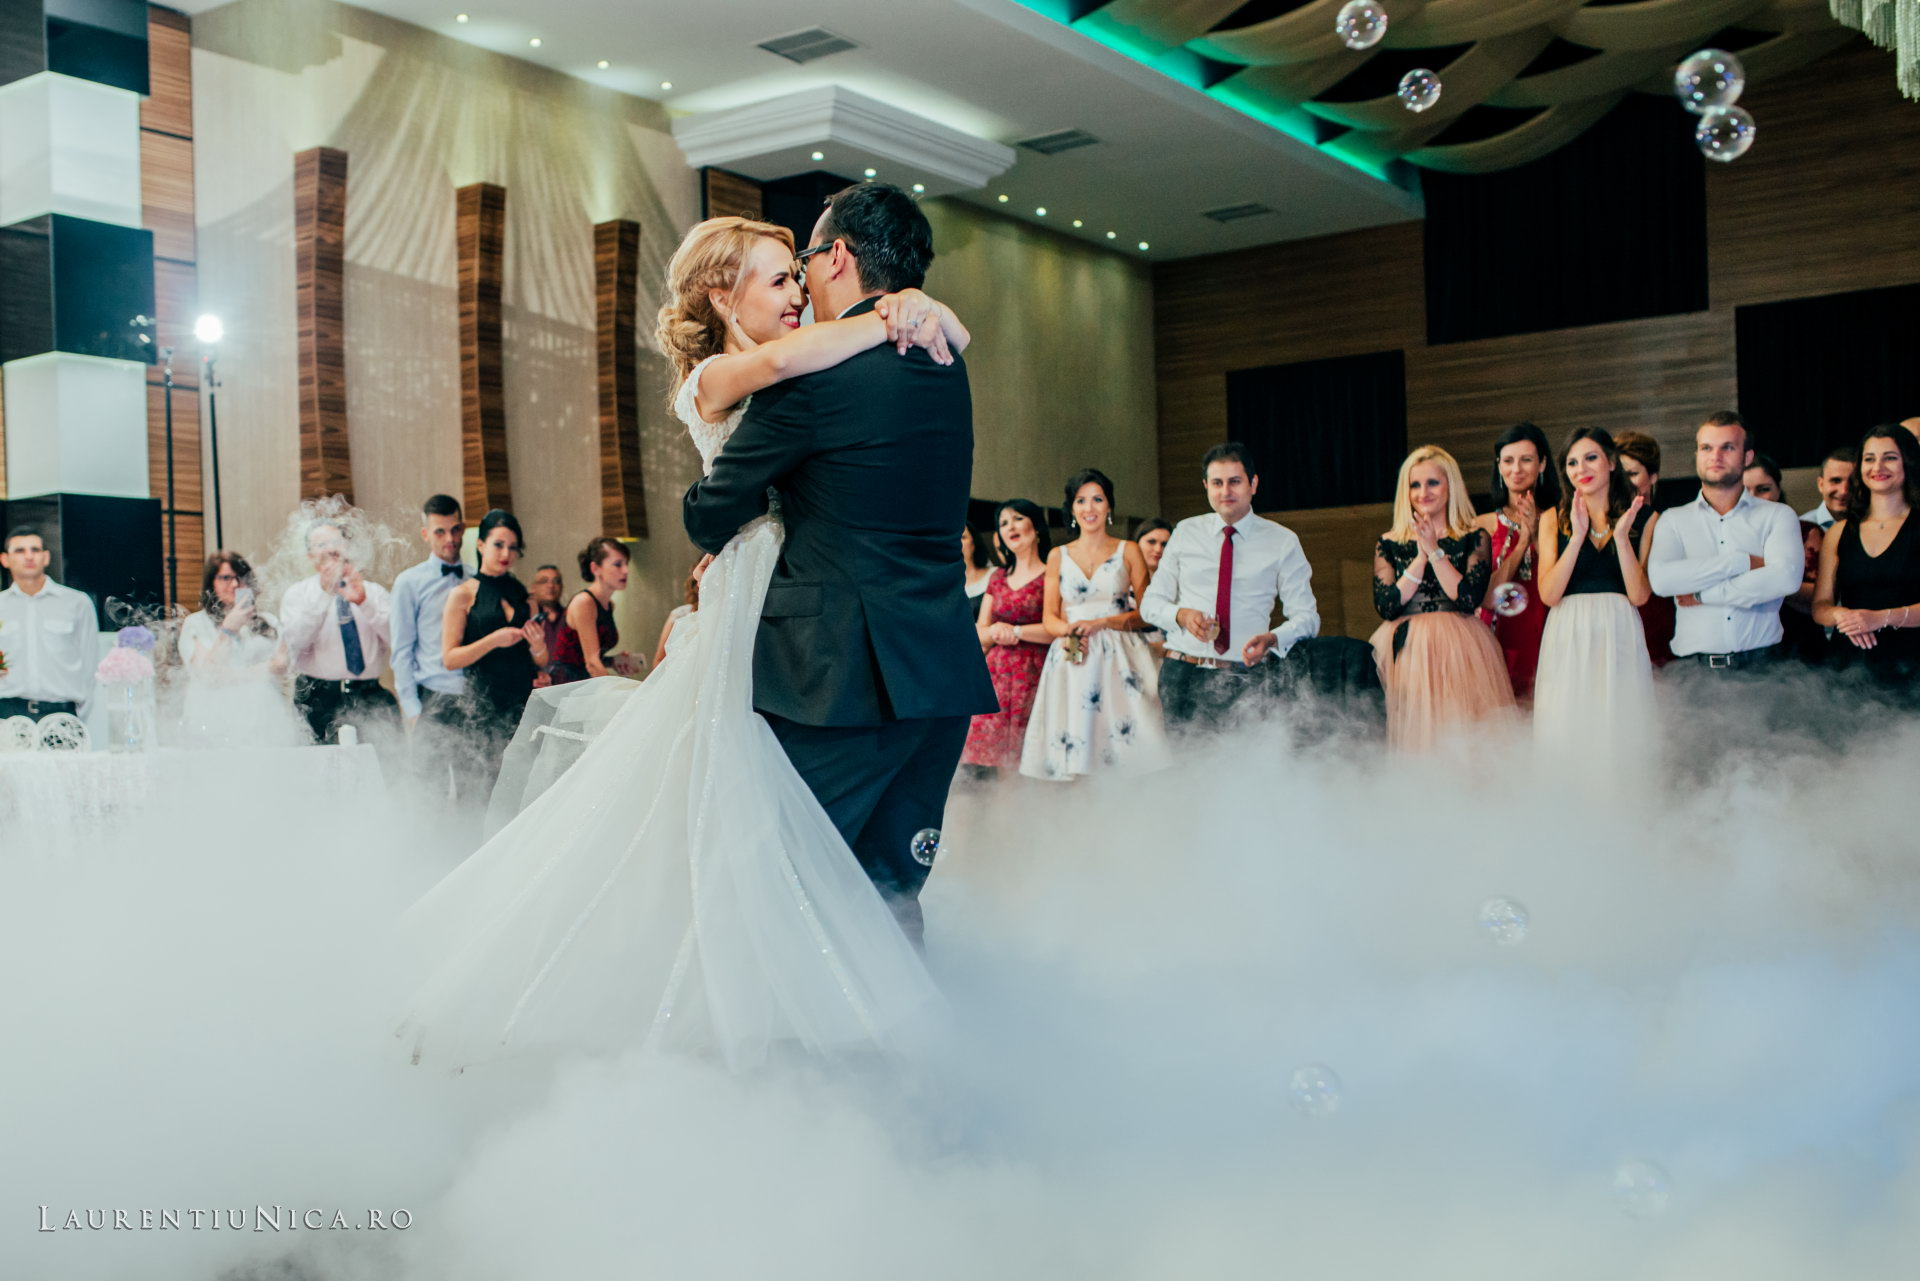 alina si razvan craiova fotograf nunta laurentiu nica68 - Alina & Razvan | Fotografii nunta